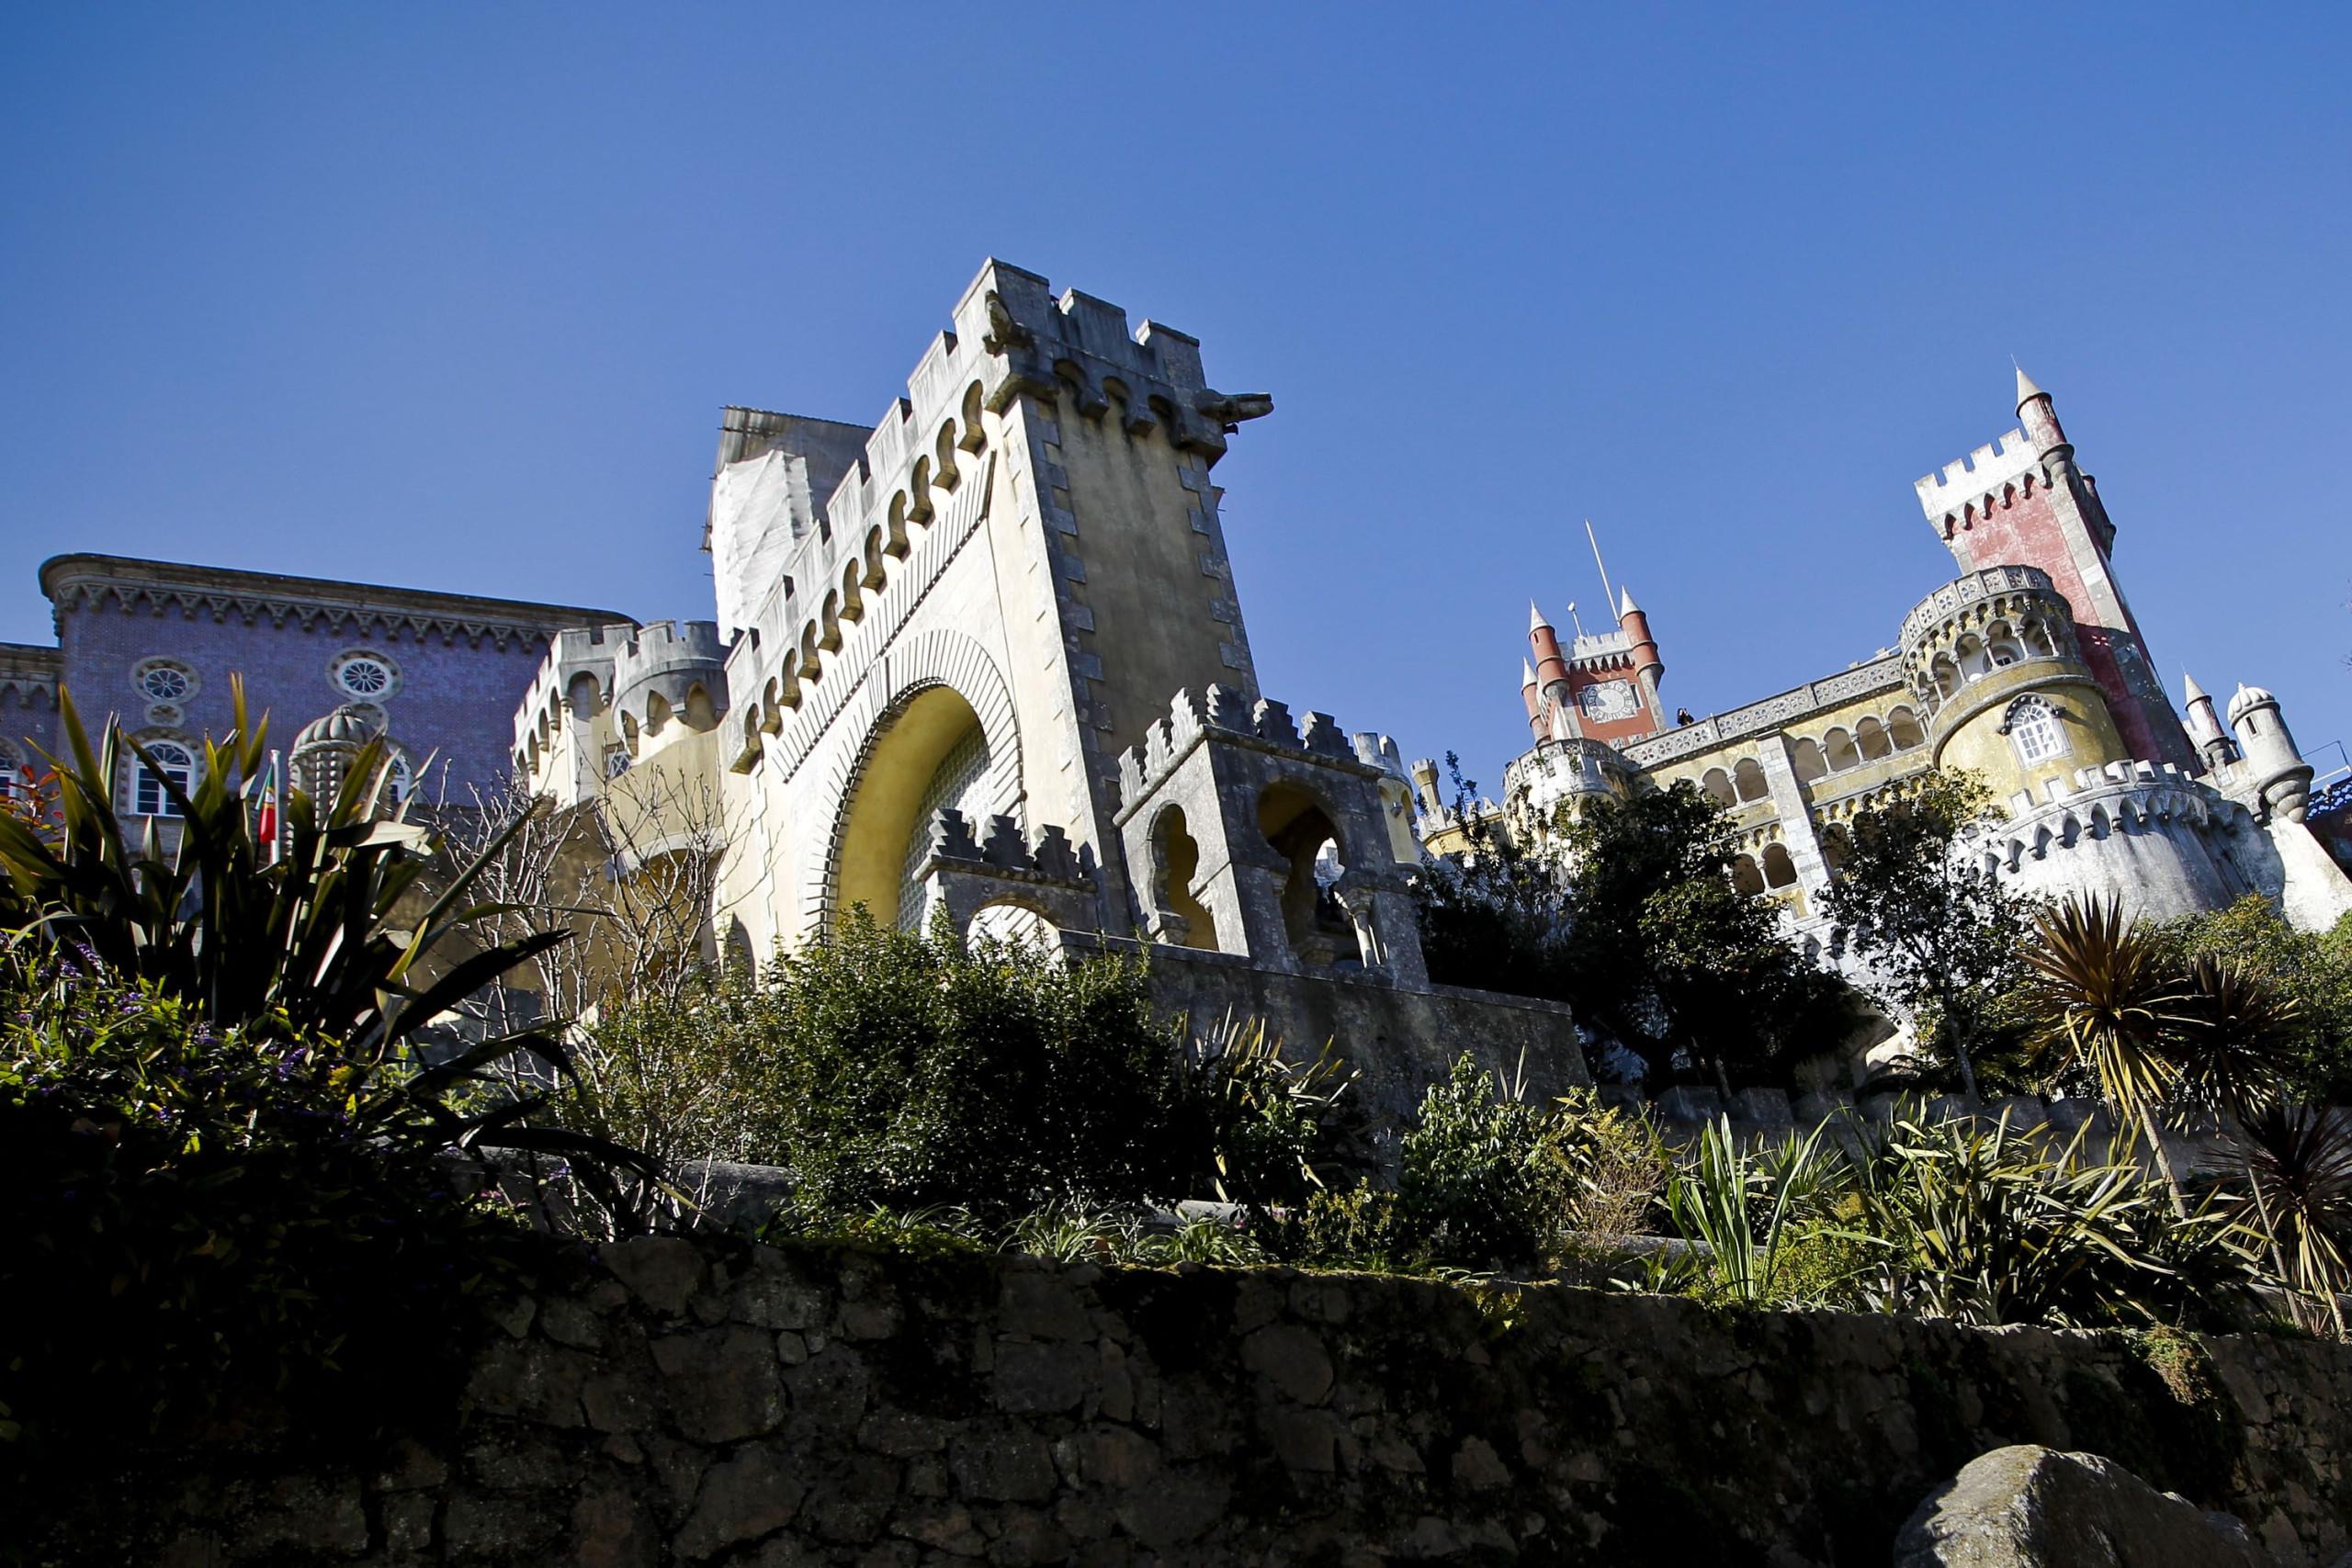 Monumentos e parques de Sintra receberam mais 10% de visitantes em 2018